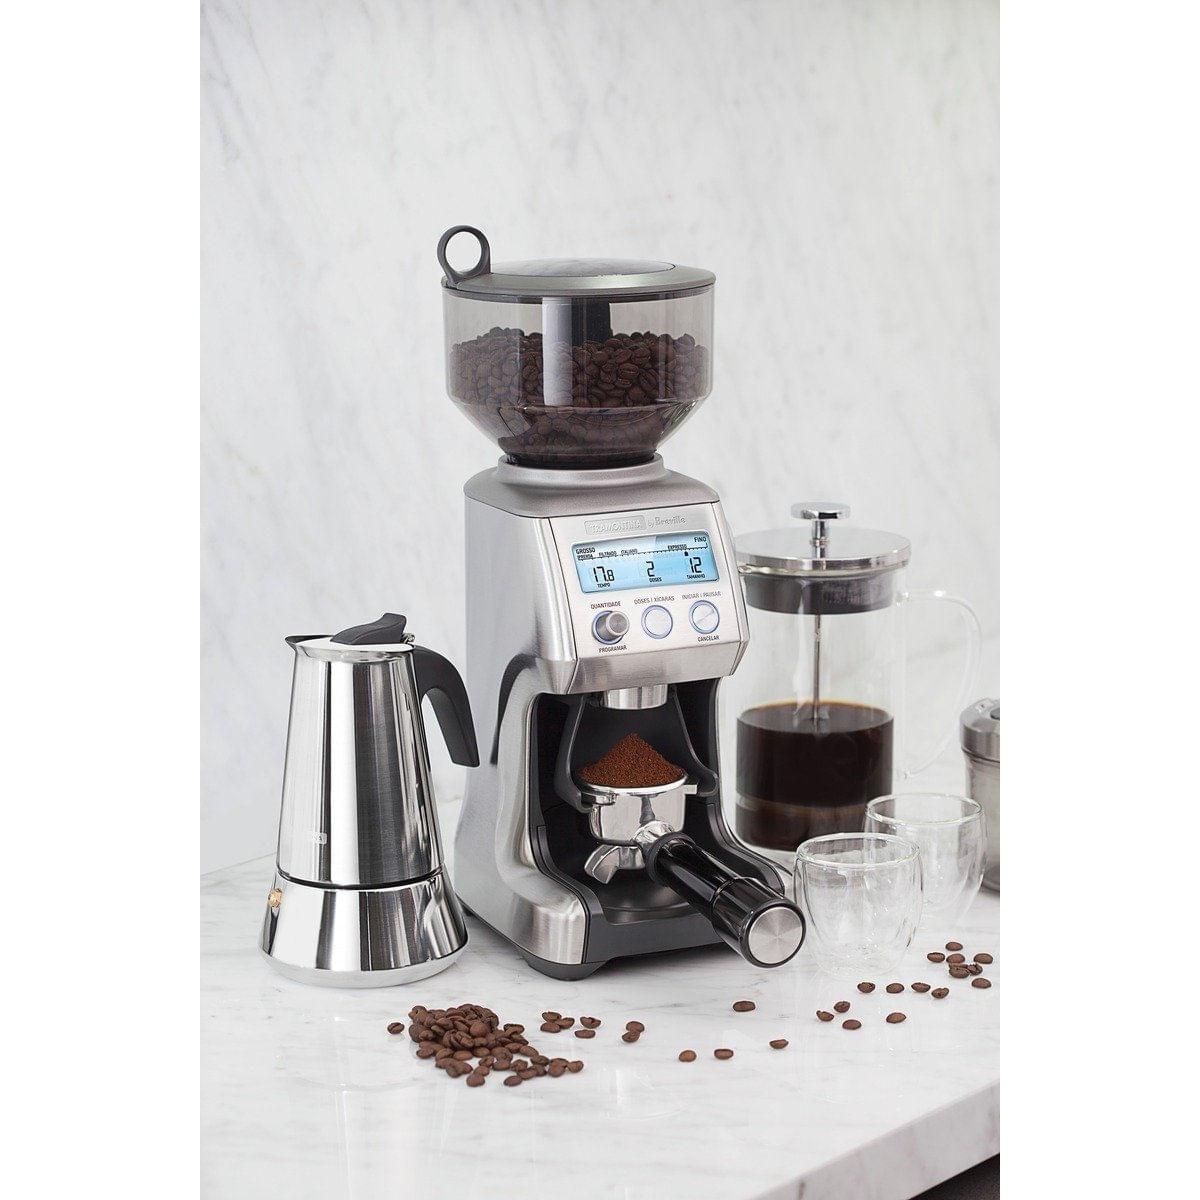 Moedor de Café Tramontina by Breville Express em Aço Inox 60 Níveis de Moagem